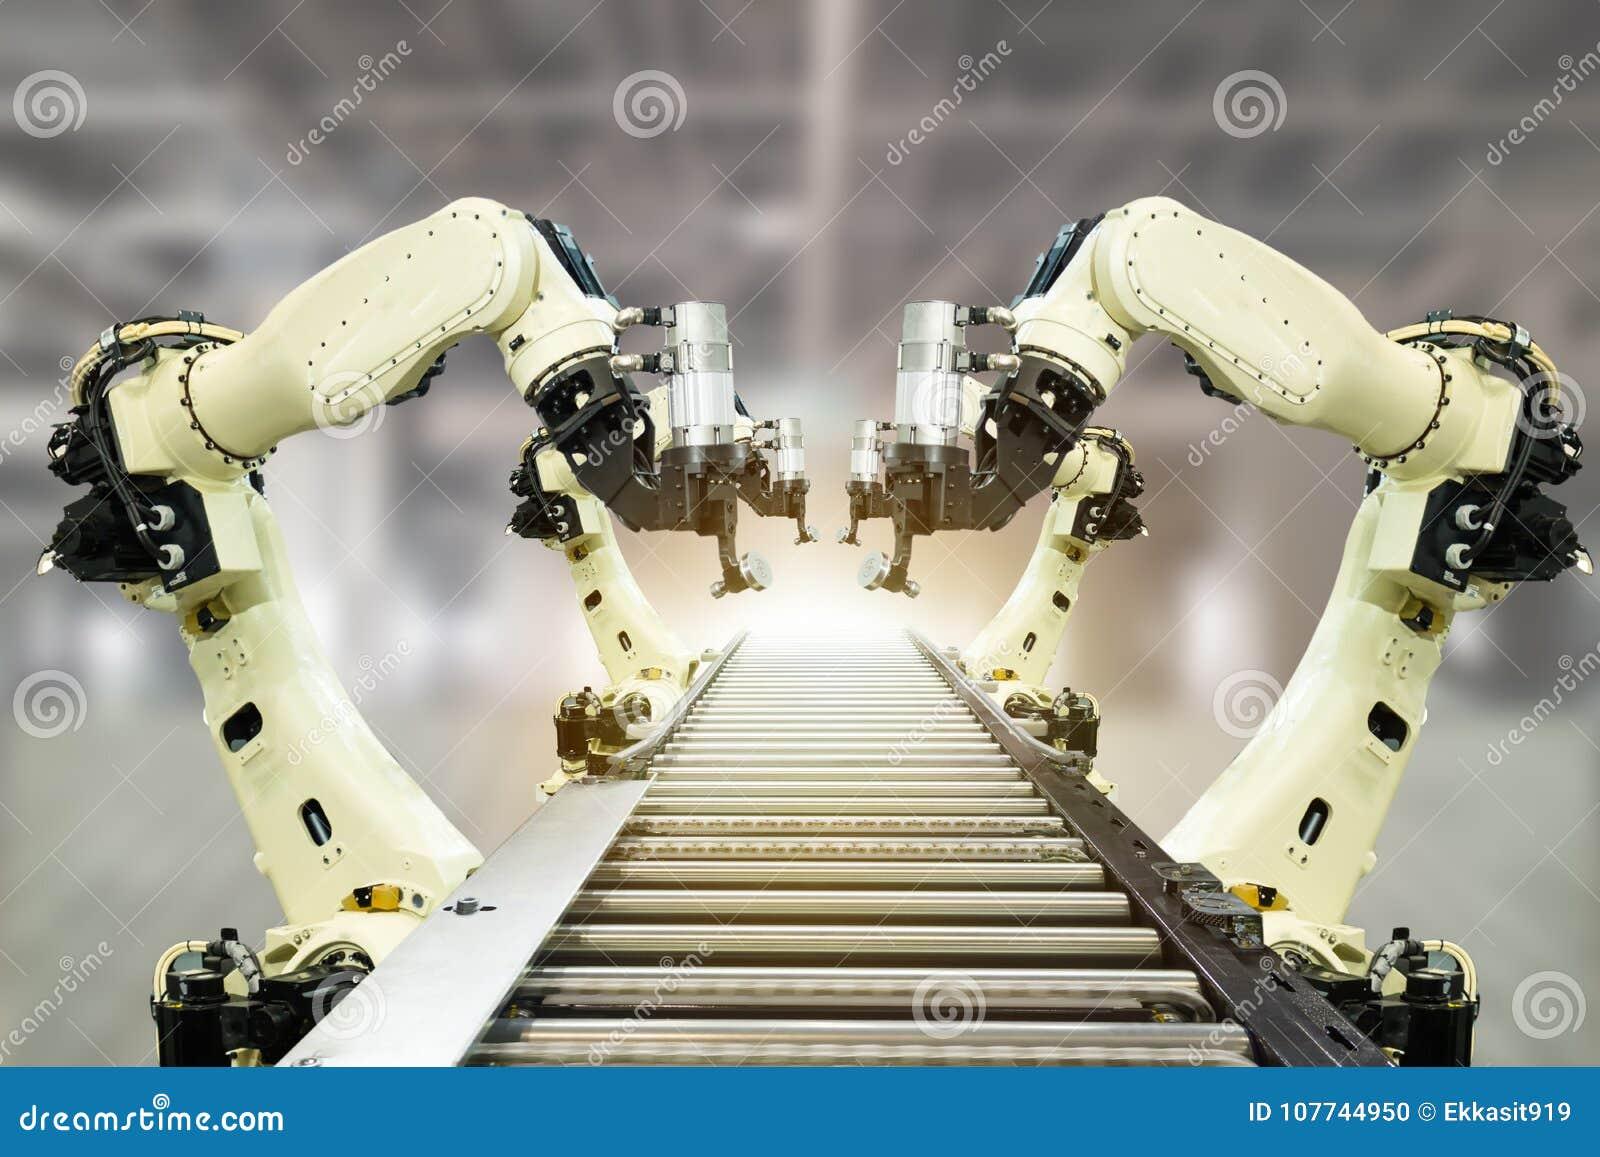 De Iotindustrie 4 0 technologieconcept Slimme fabriek die neigende automatiserings robotachtige wapens met deel op transportband